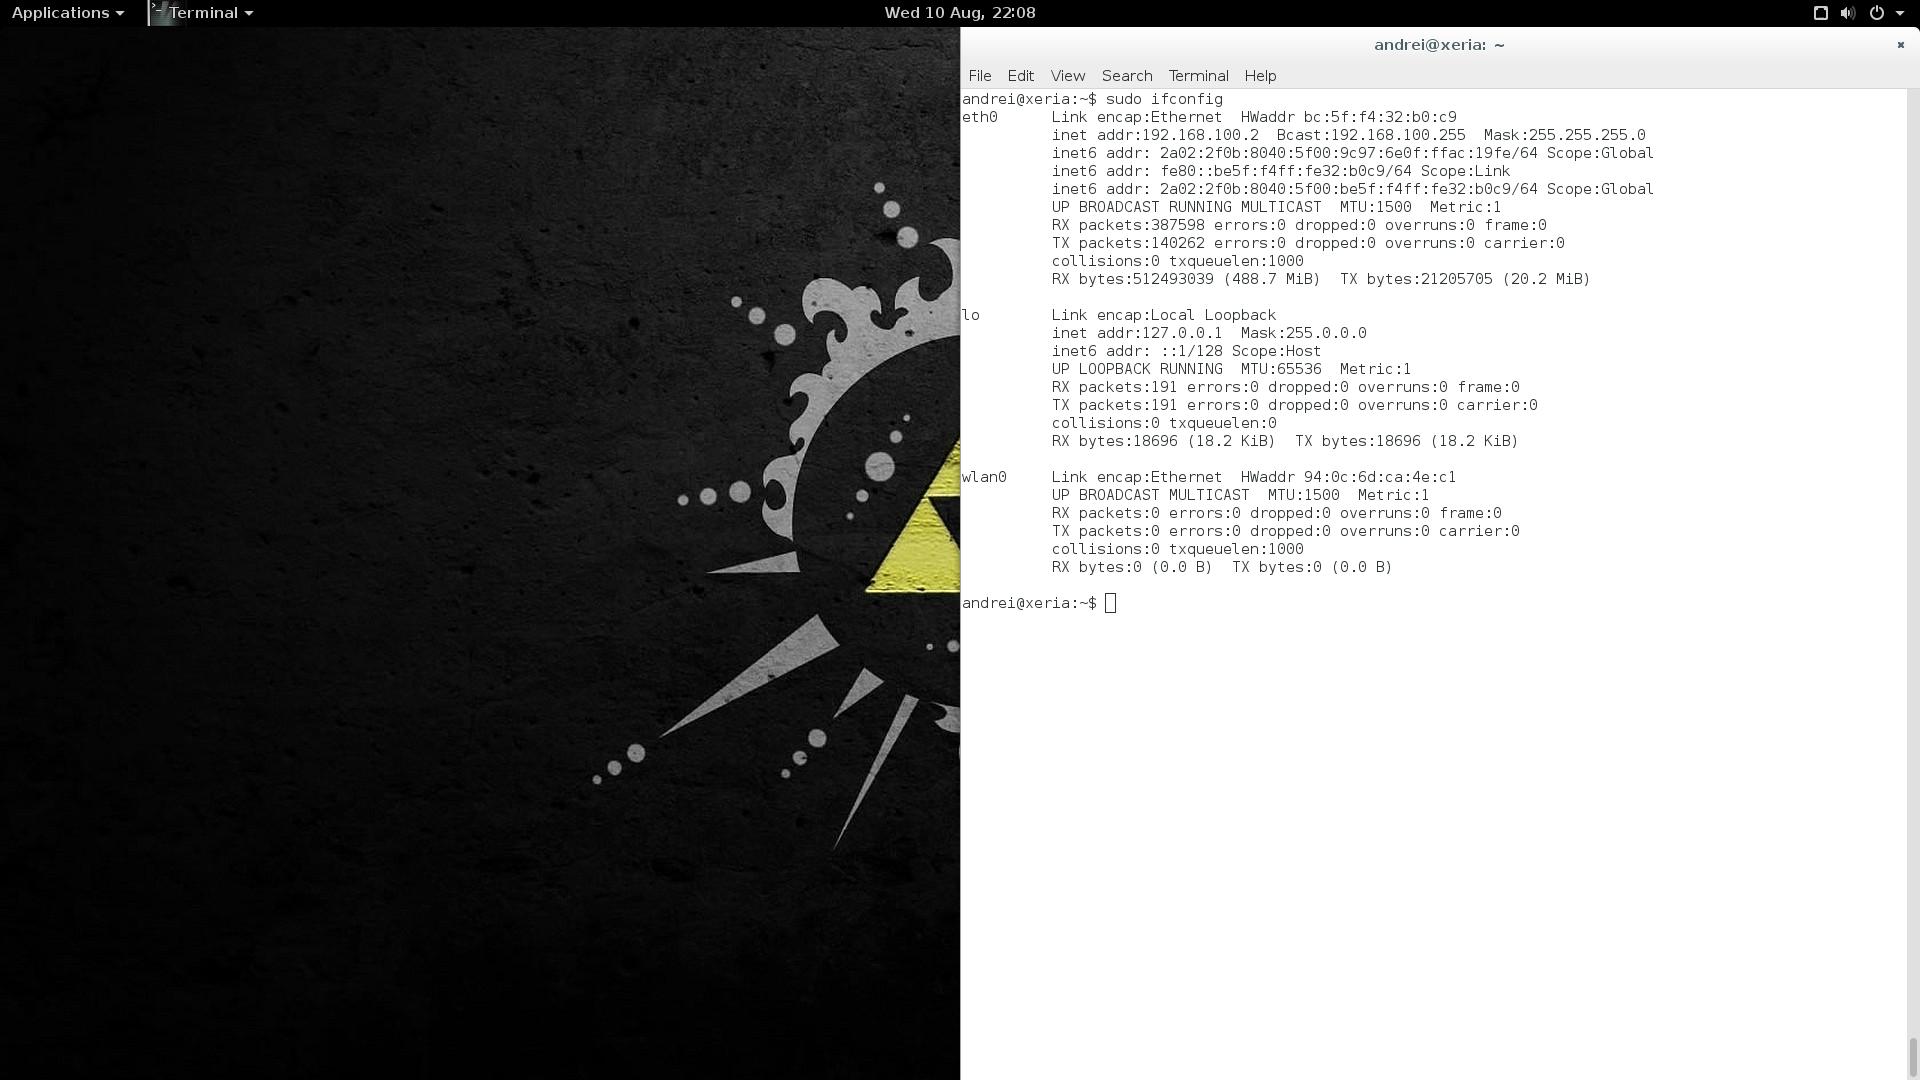 Screenshot from 2016-08-10 22:08:25